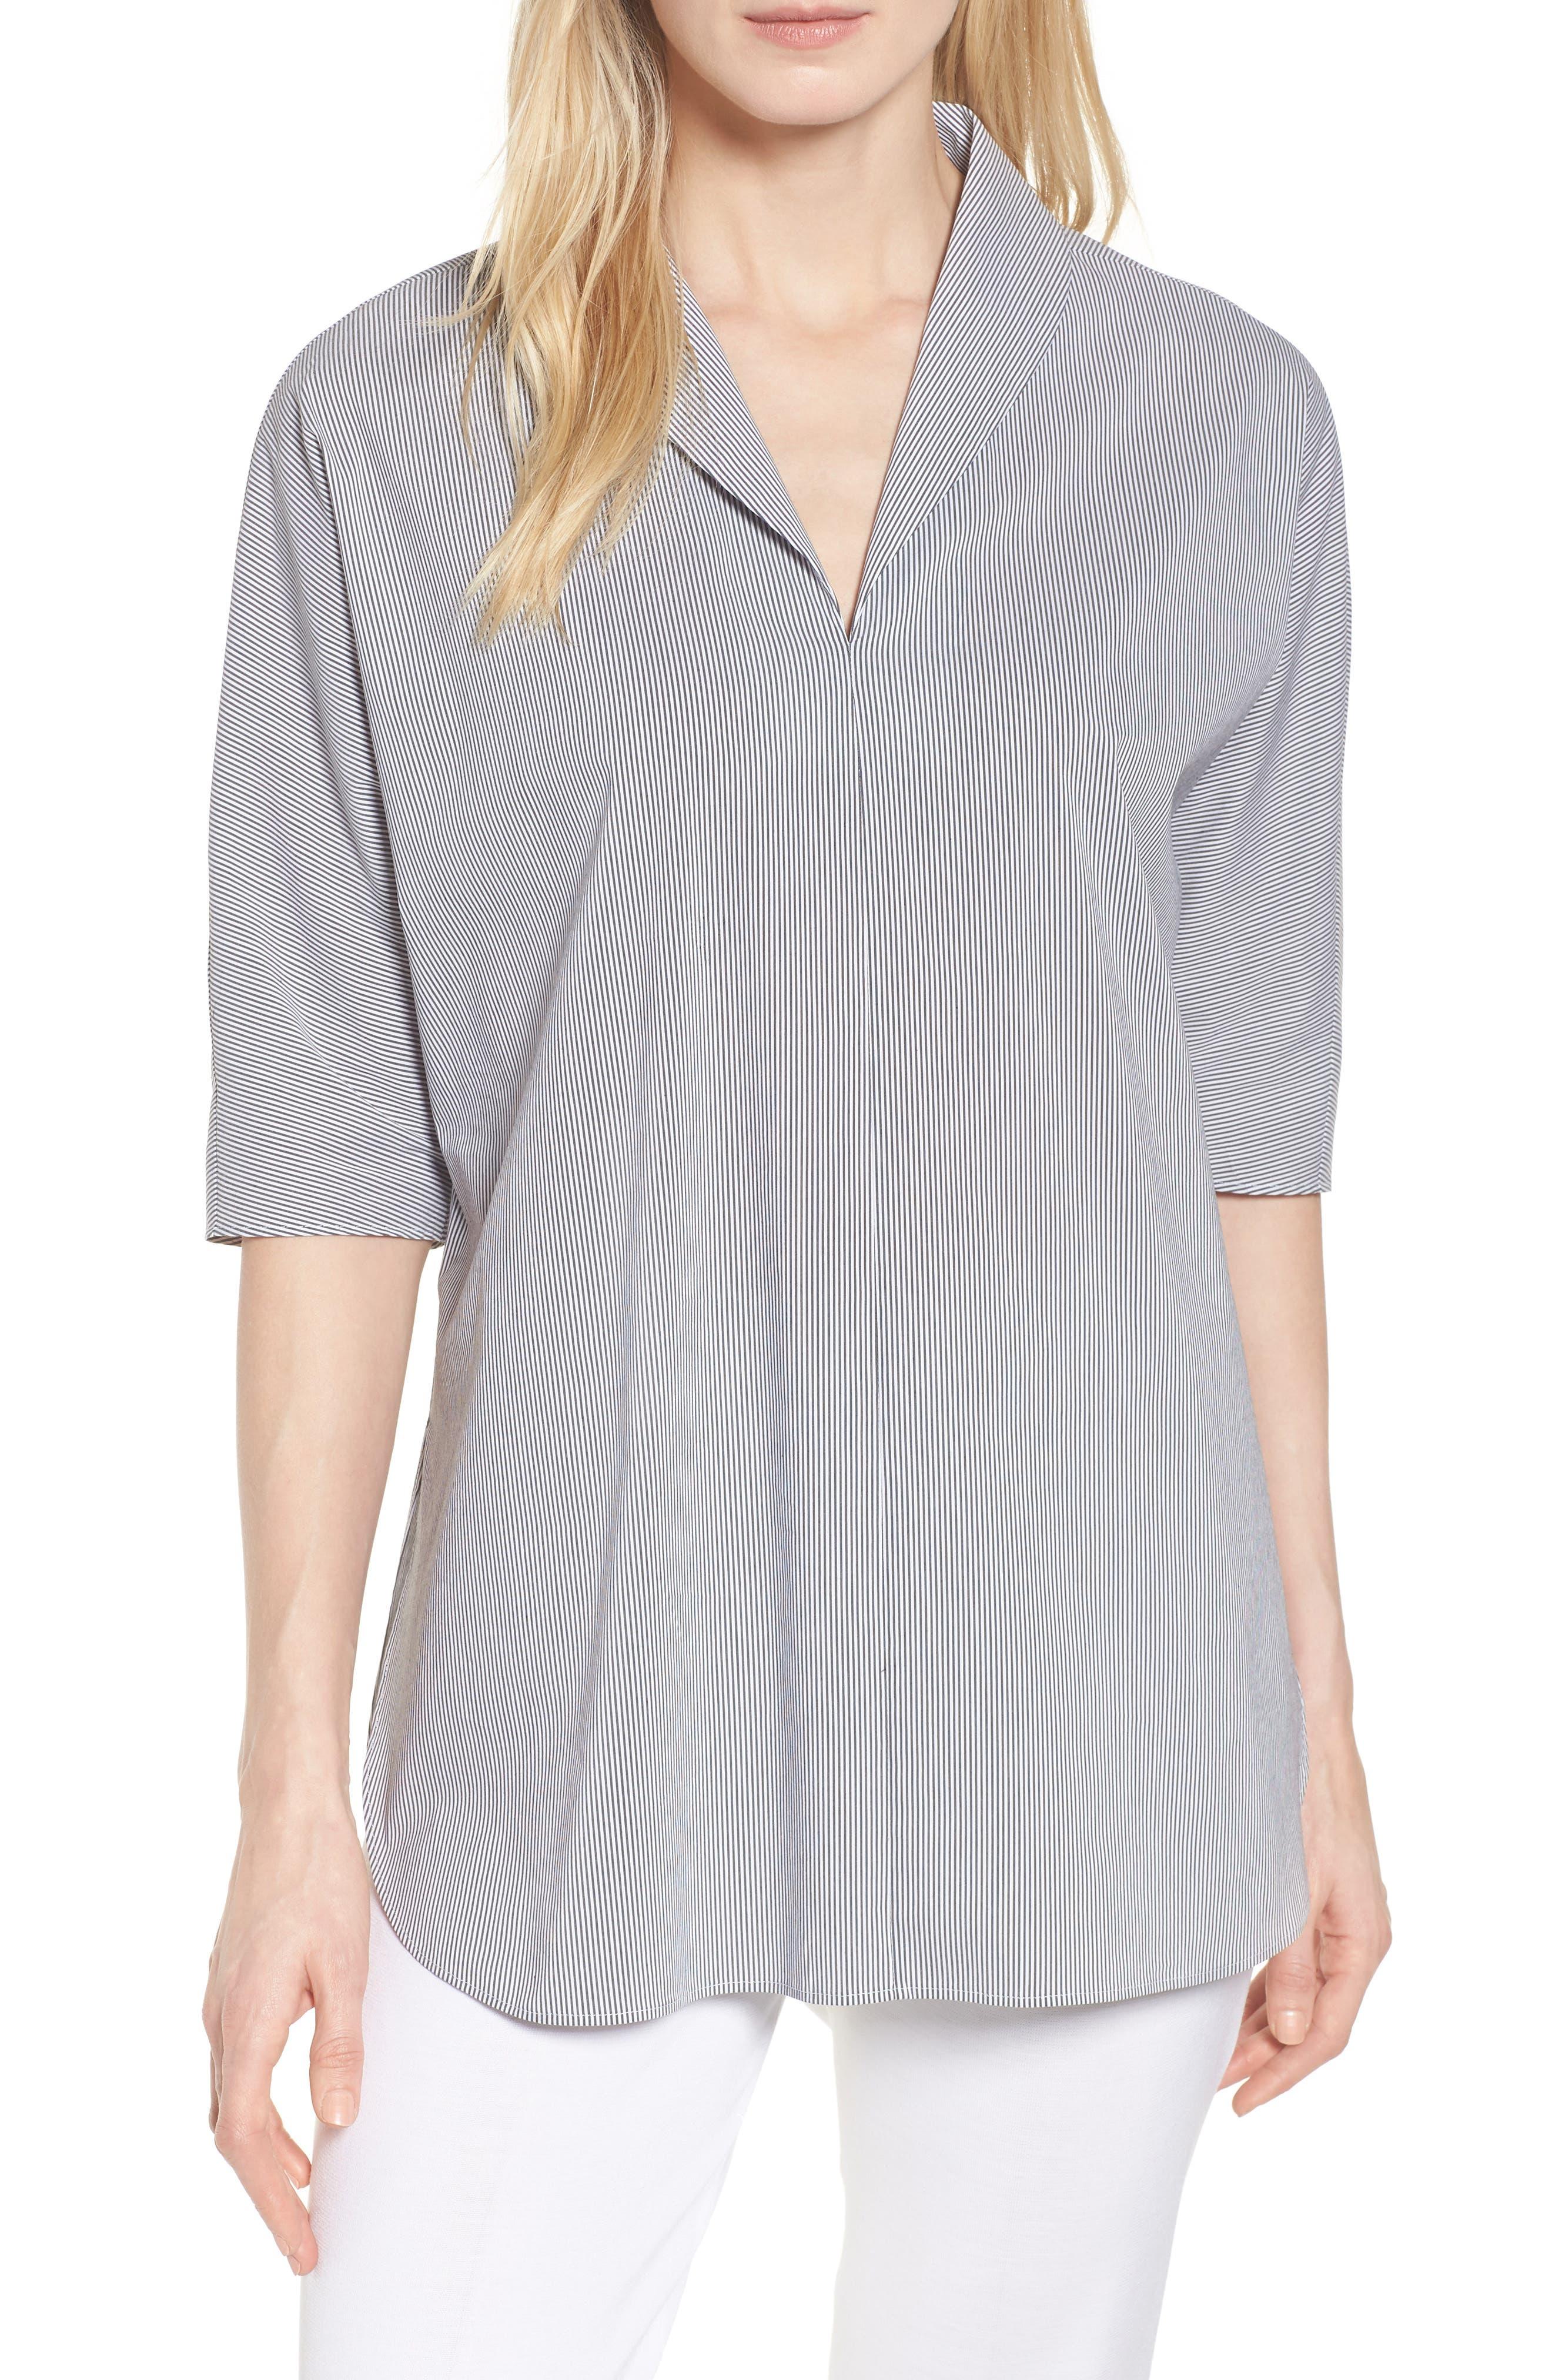 Stripe Tunic Shirt,                             Main thumbnail 1, color,                             Black/ White